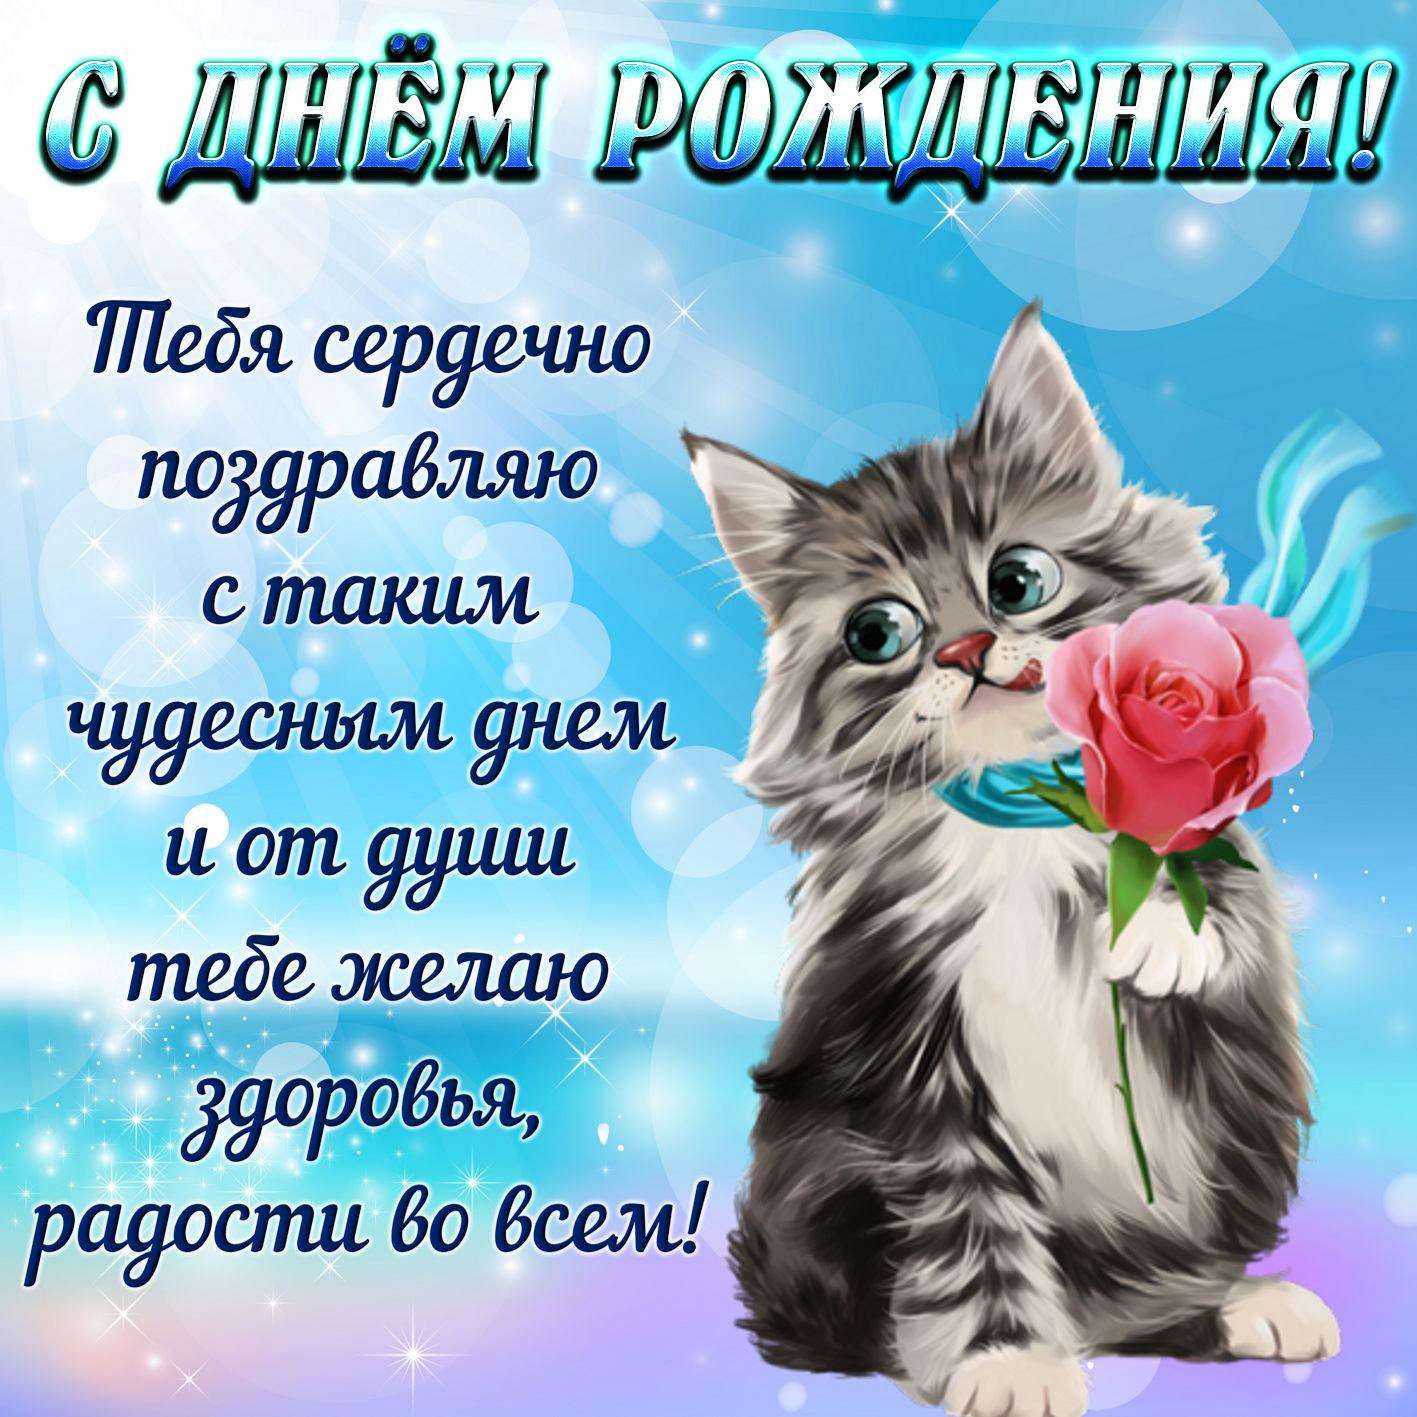 Открытка на День рождения - котёнок с розой для девушки